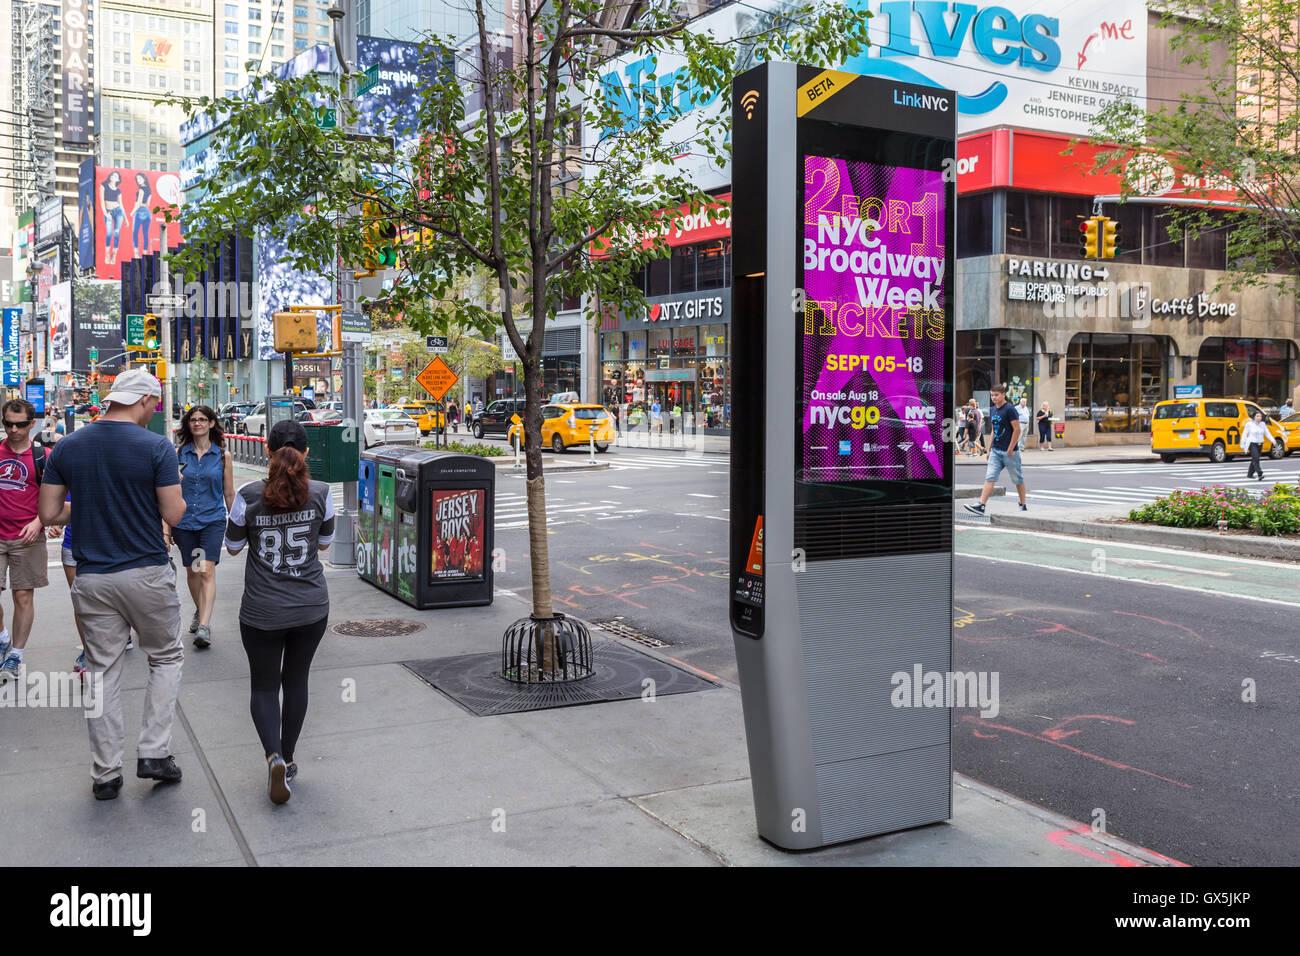 Un LinkNYC borne Wi-Fi disponible gratuitement pour l'usage du public sur un mid-town street à New York. Photo Stock